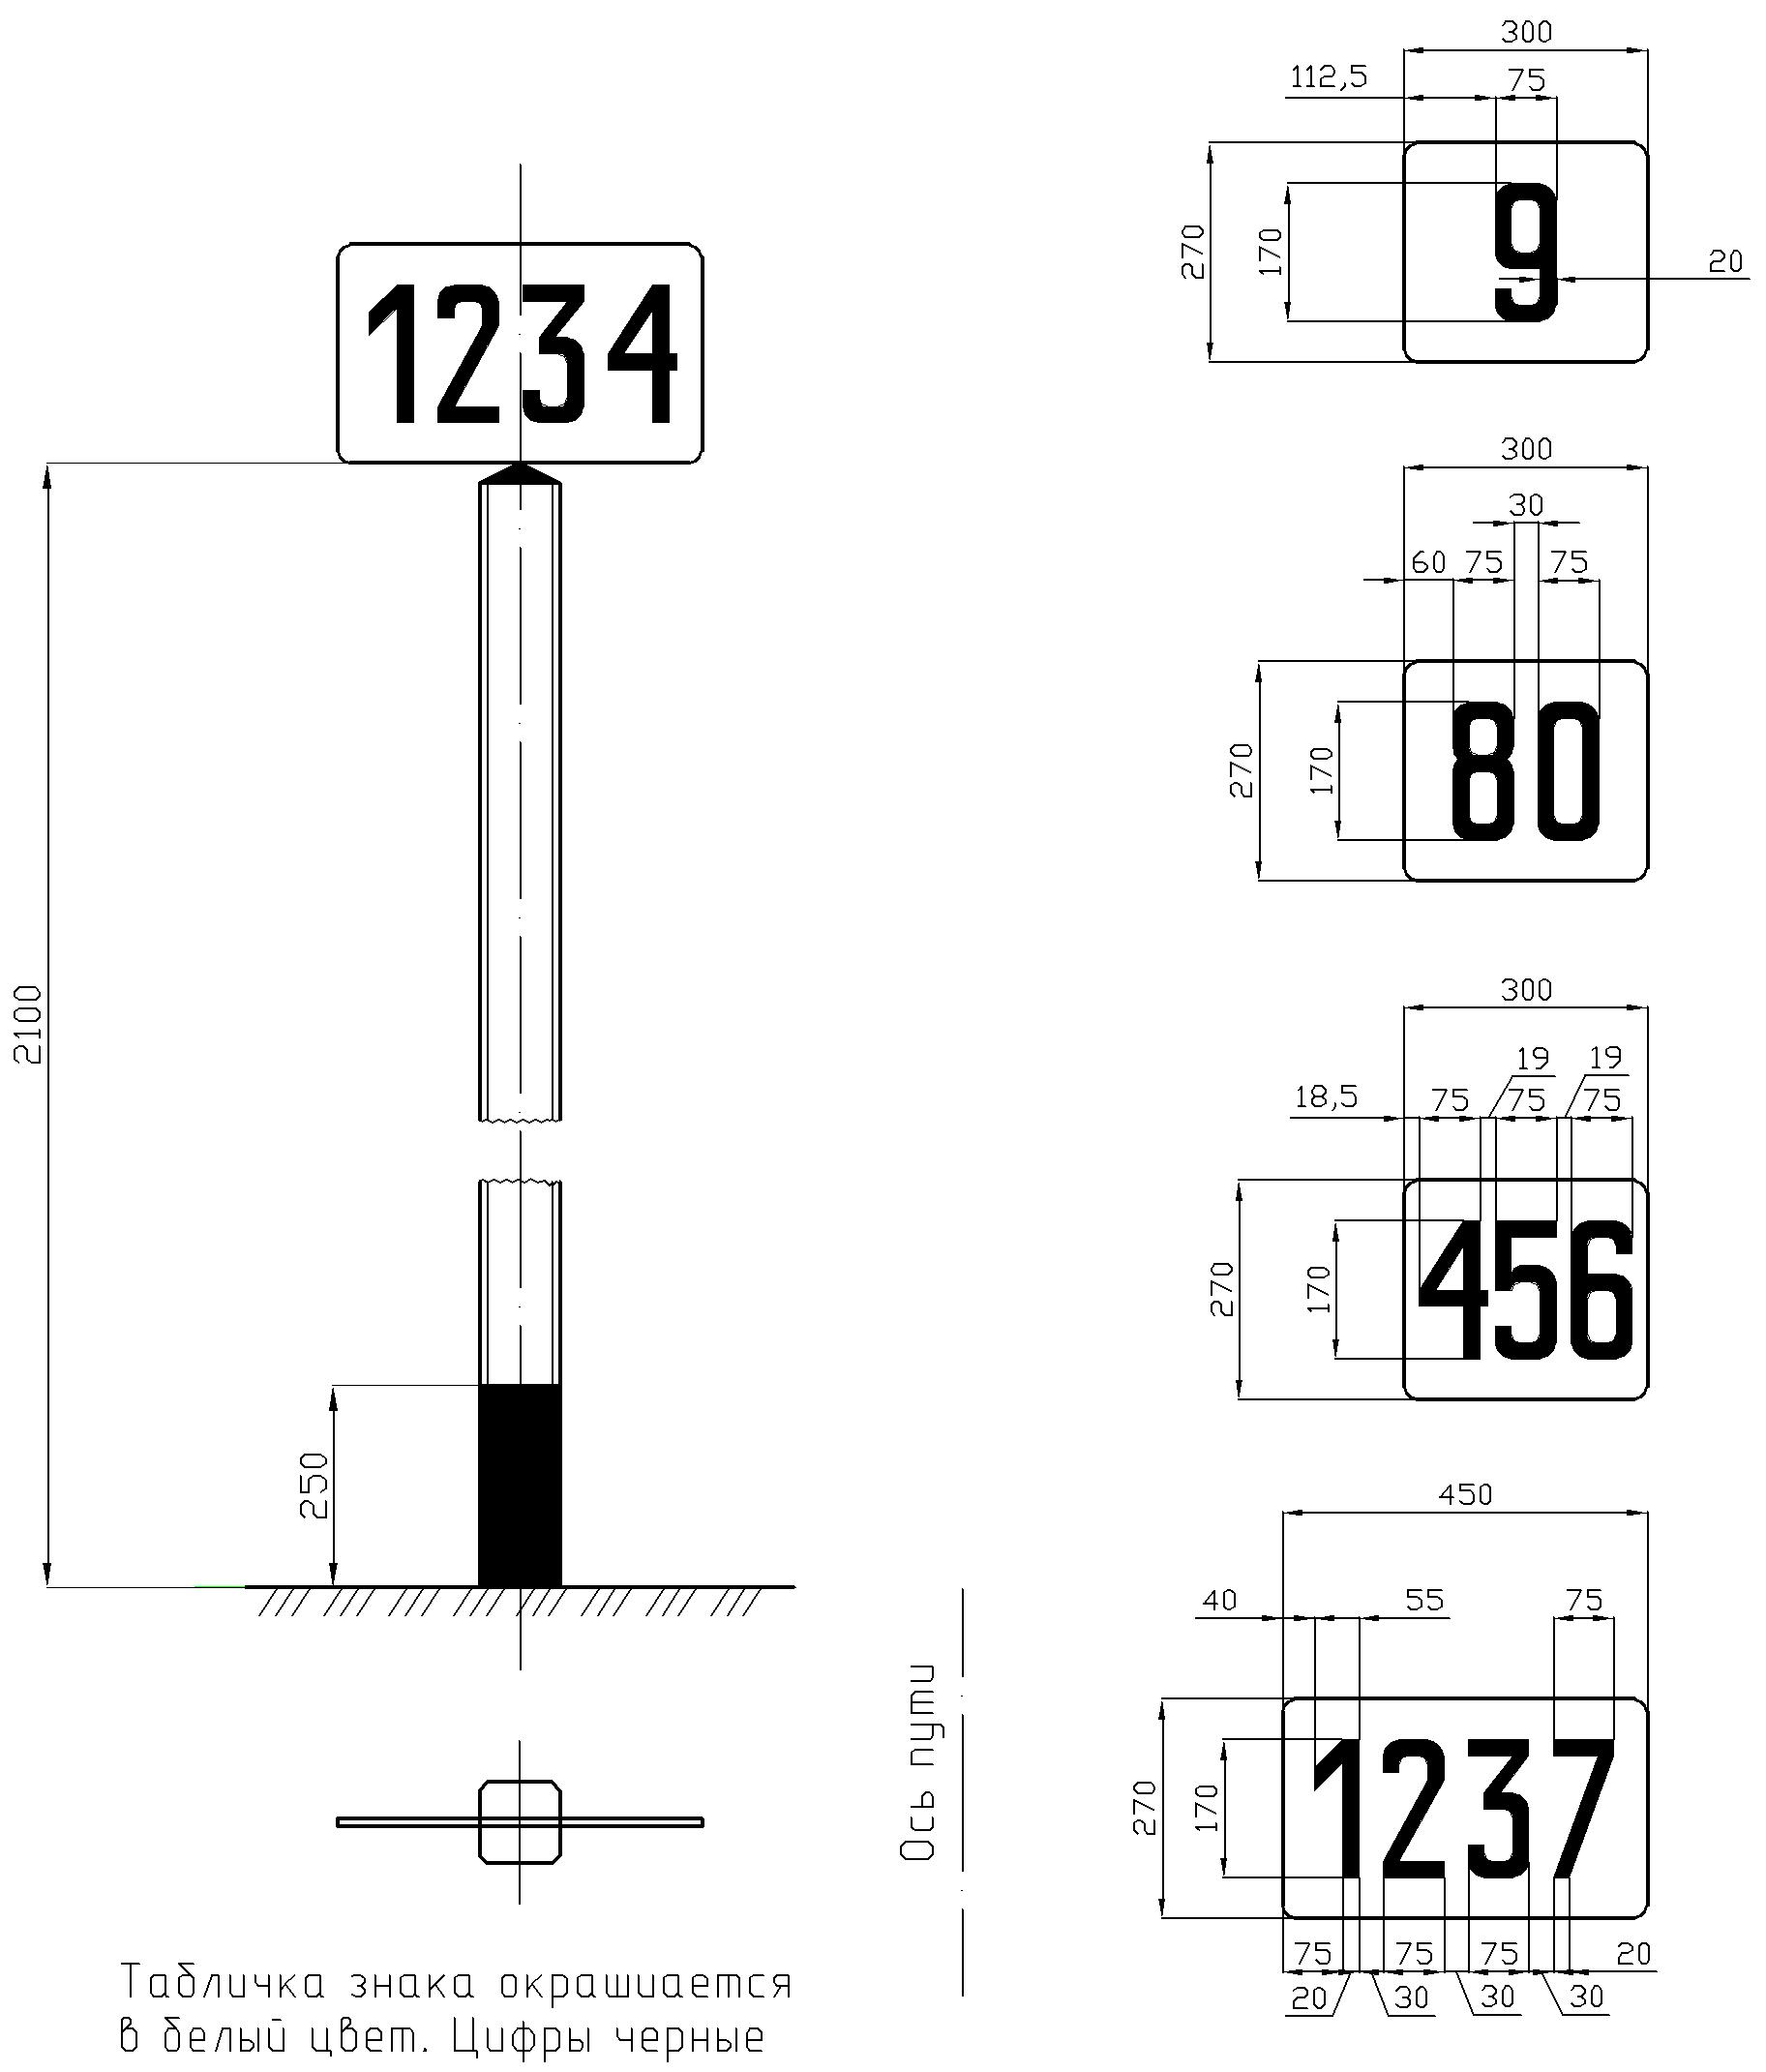 Рисунок 41. Путевой километровый знак